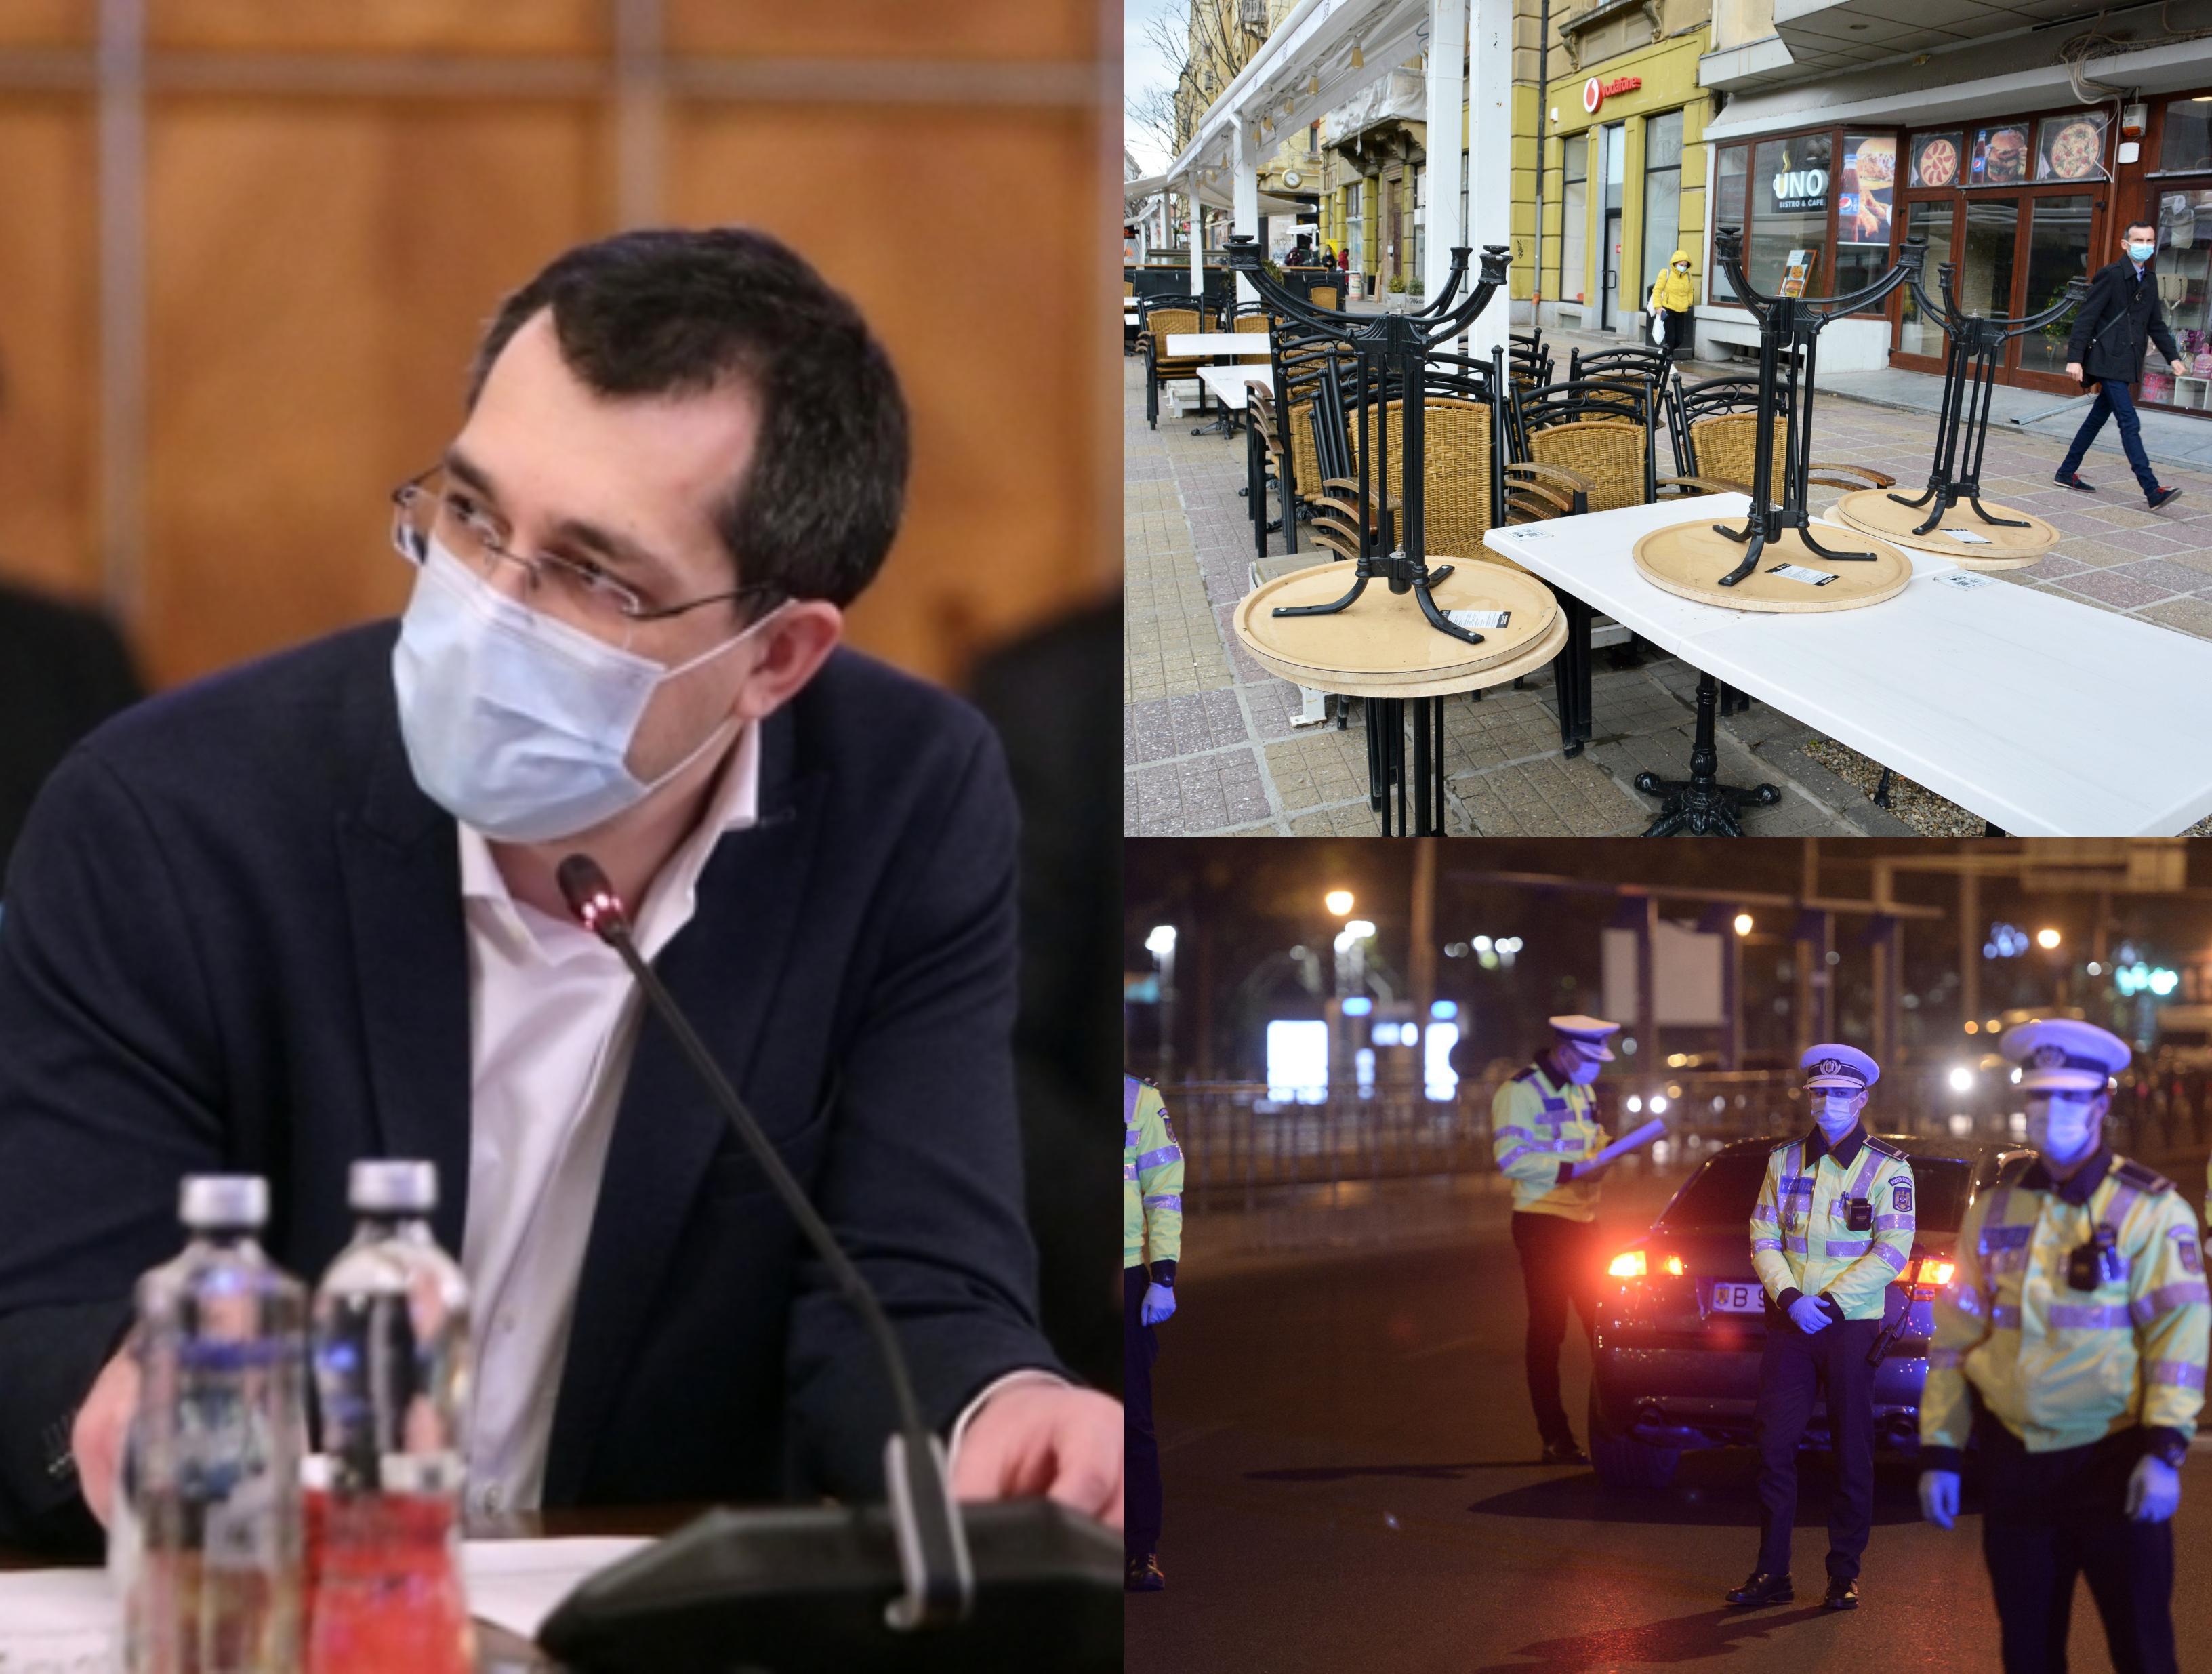 În ce situație ar putea Capitala să fie carantinată. Ministrul Sănătații nu exclude măsura închiderii Bucureștiului